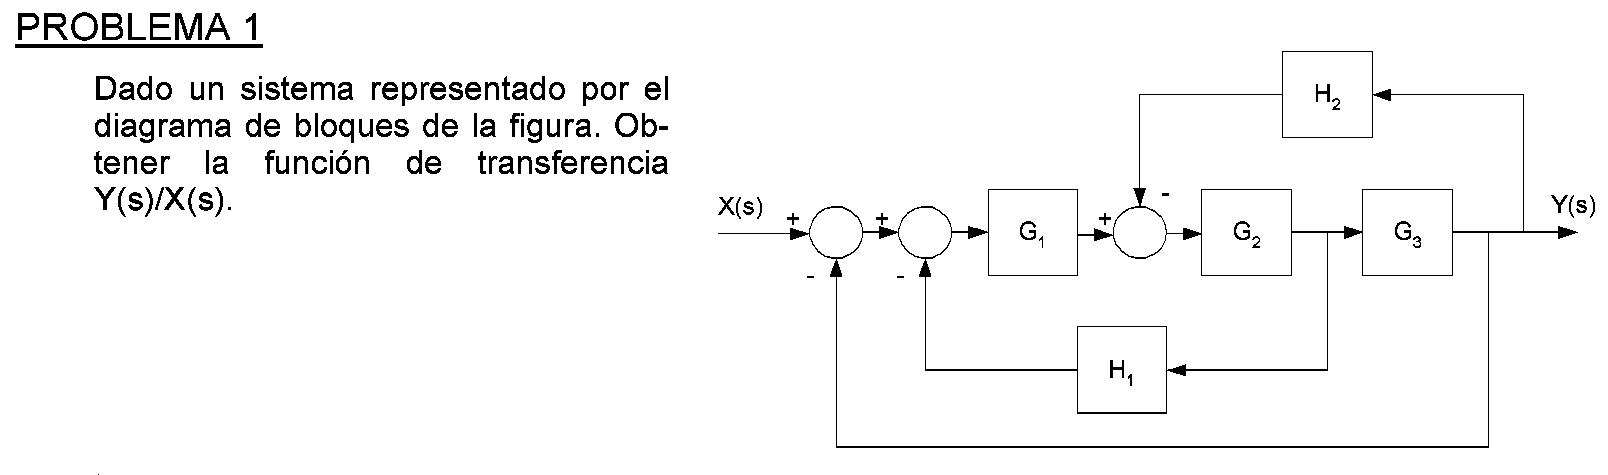 enunciado problema 1 del examen de Enero del 2009 de Regulacion Automatica I